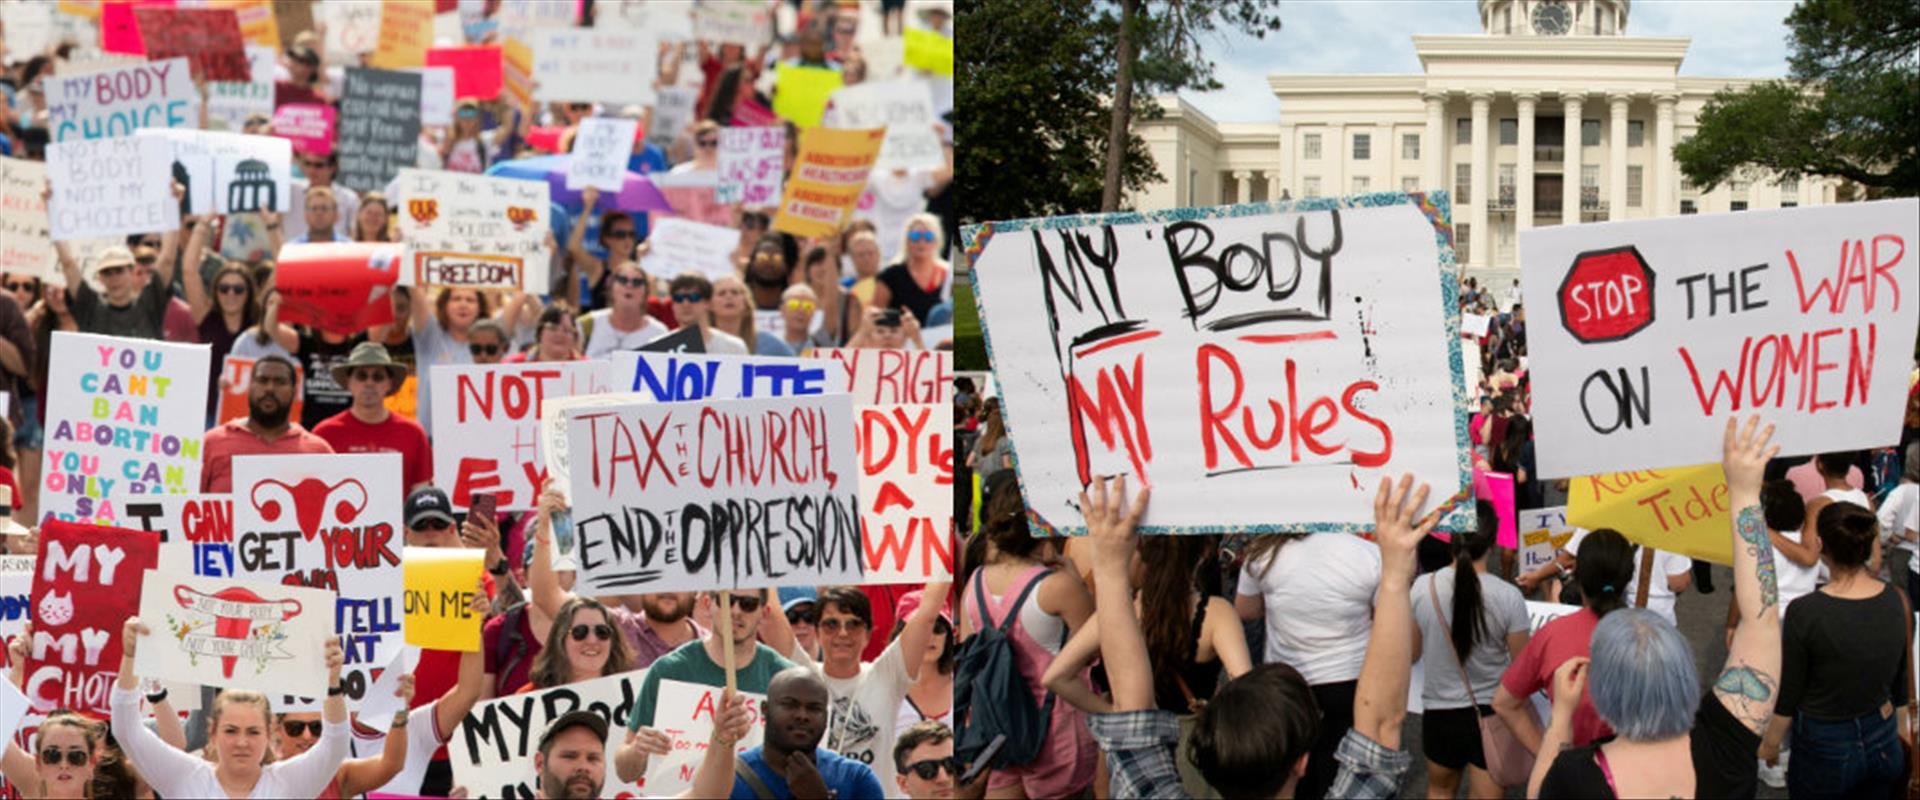 הפגנה נגד ההחלטה לאסור הפלות